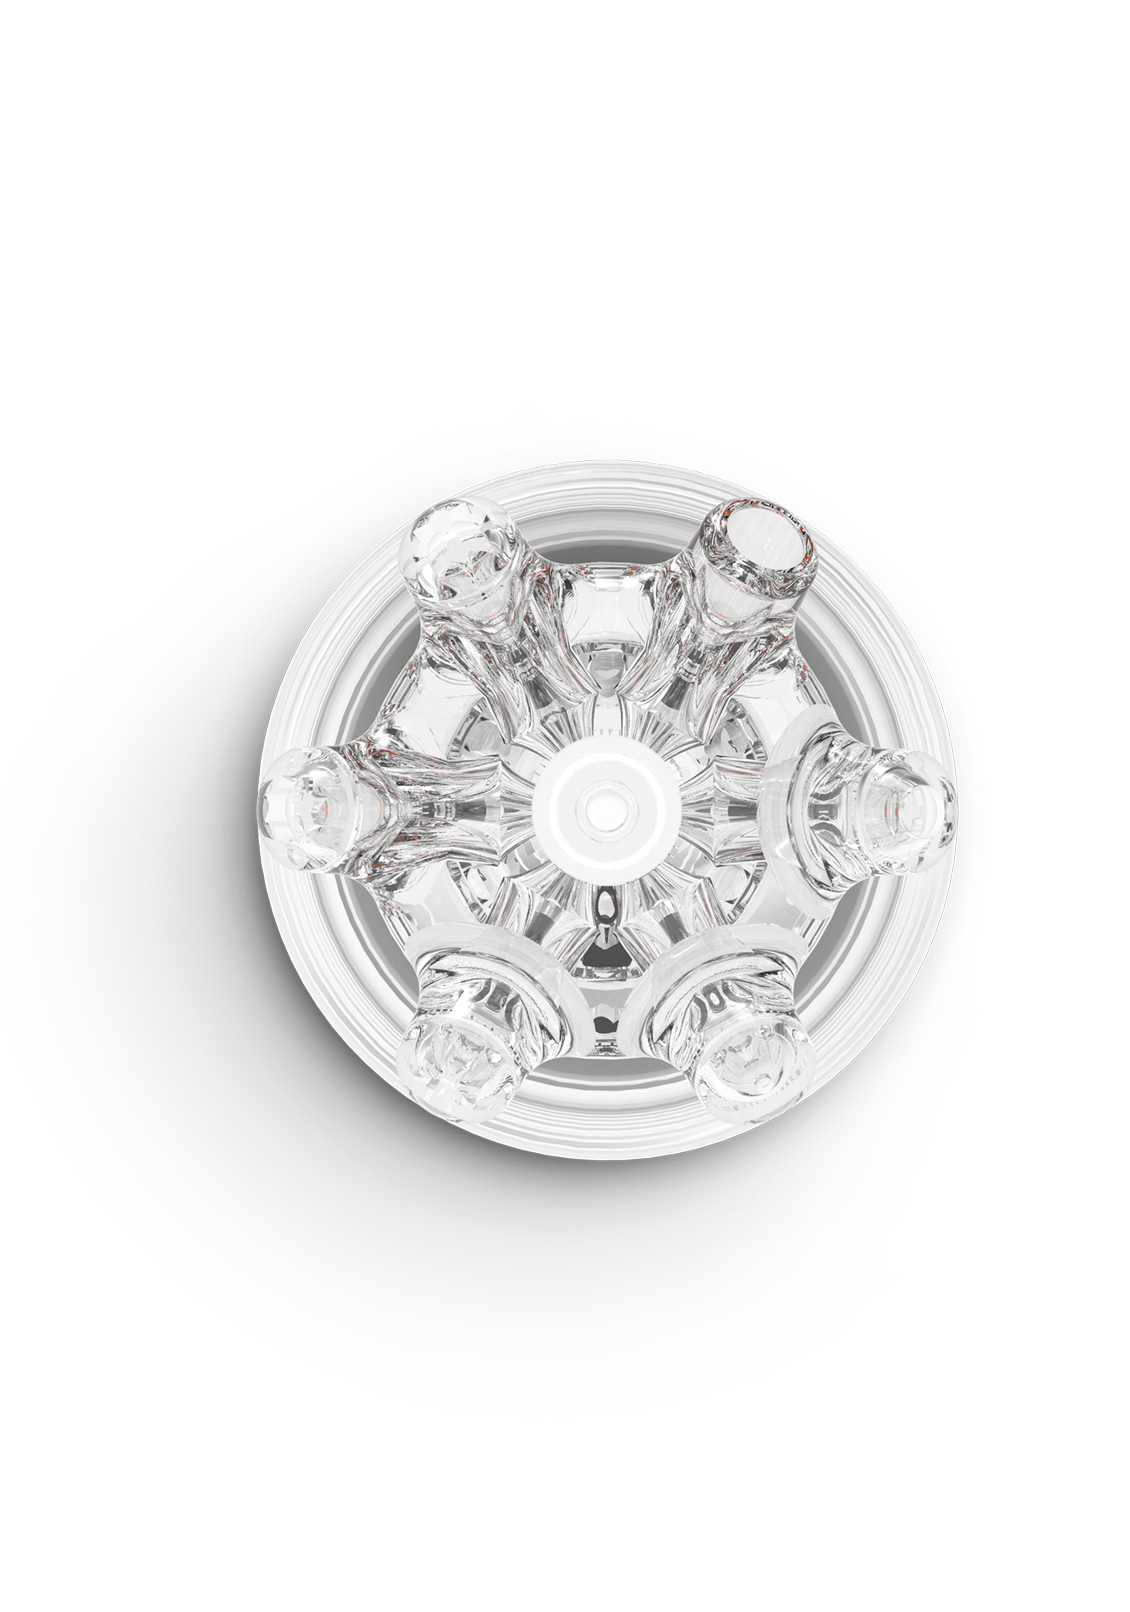 DESIGN ET FONCTIONNAliTé - Sa tête modulable en acrylique a fait du PASTRYPOD le premier produit de la marque TOOLS à avoir reçu un prestigieux prix international de design.• RedDot Design Award en 2014.